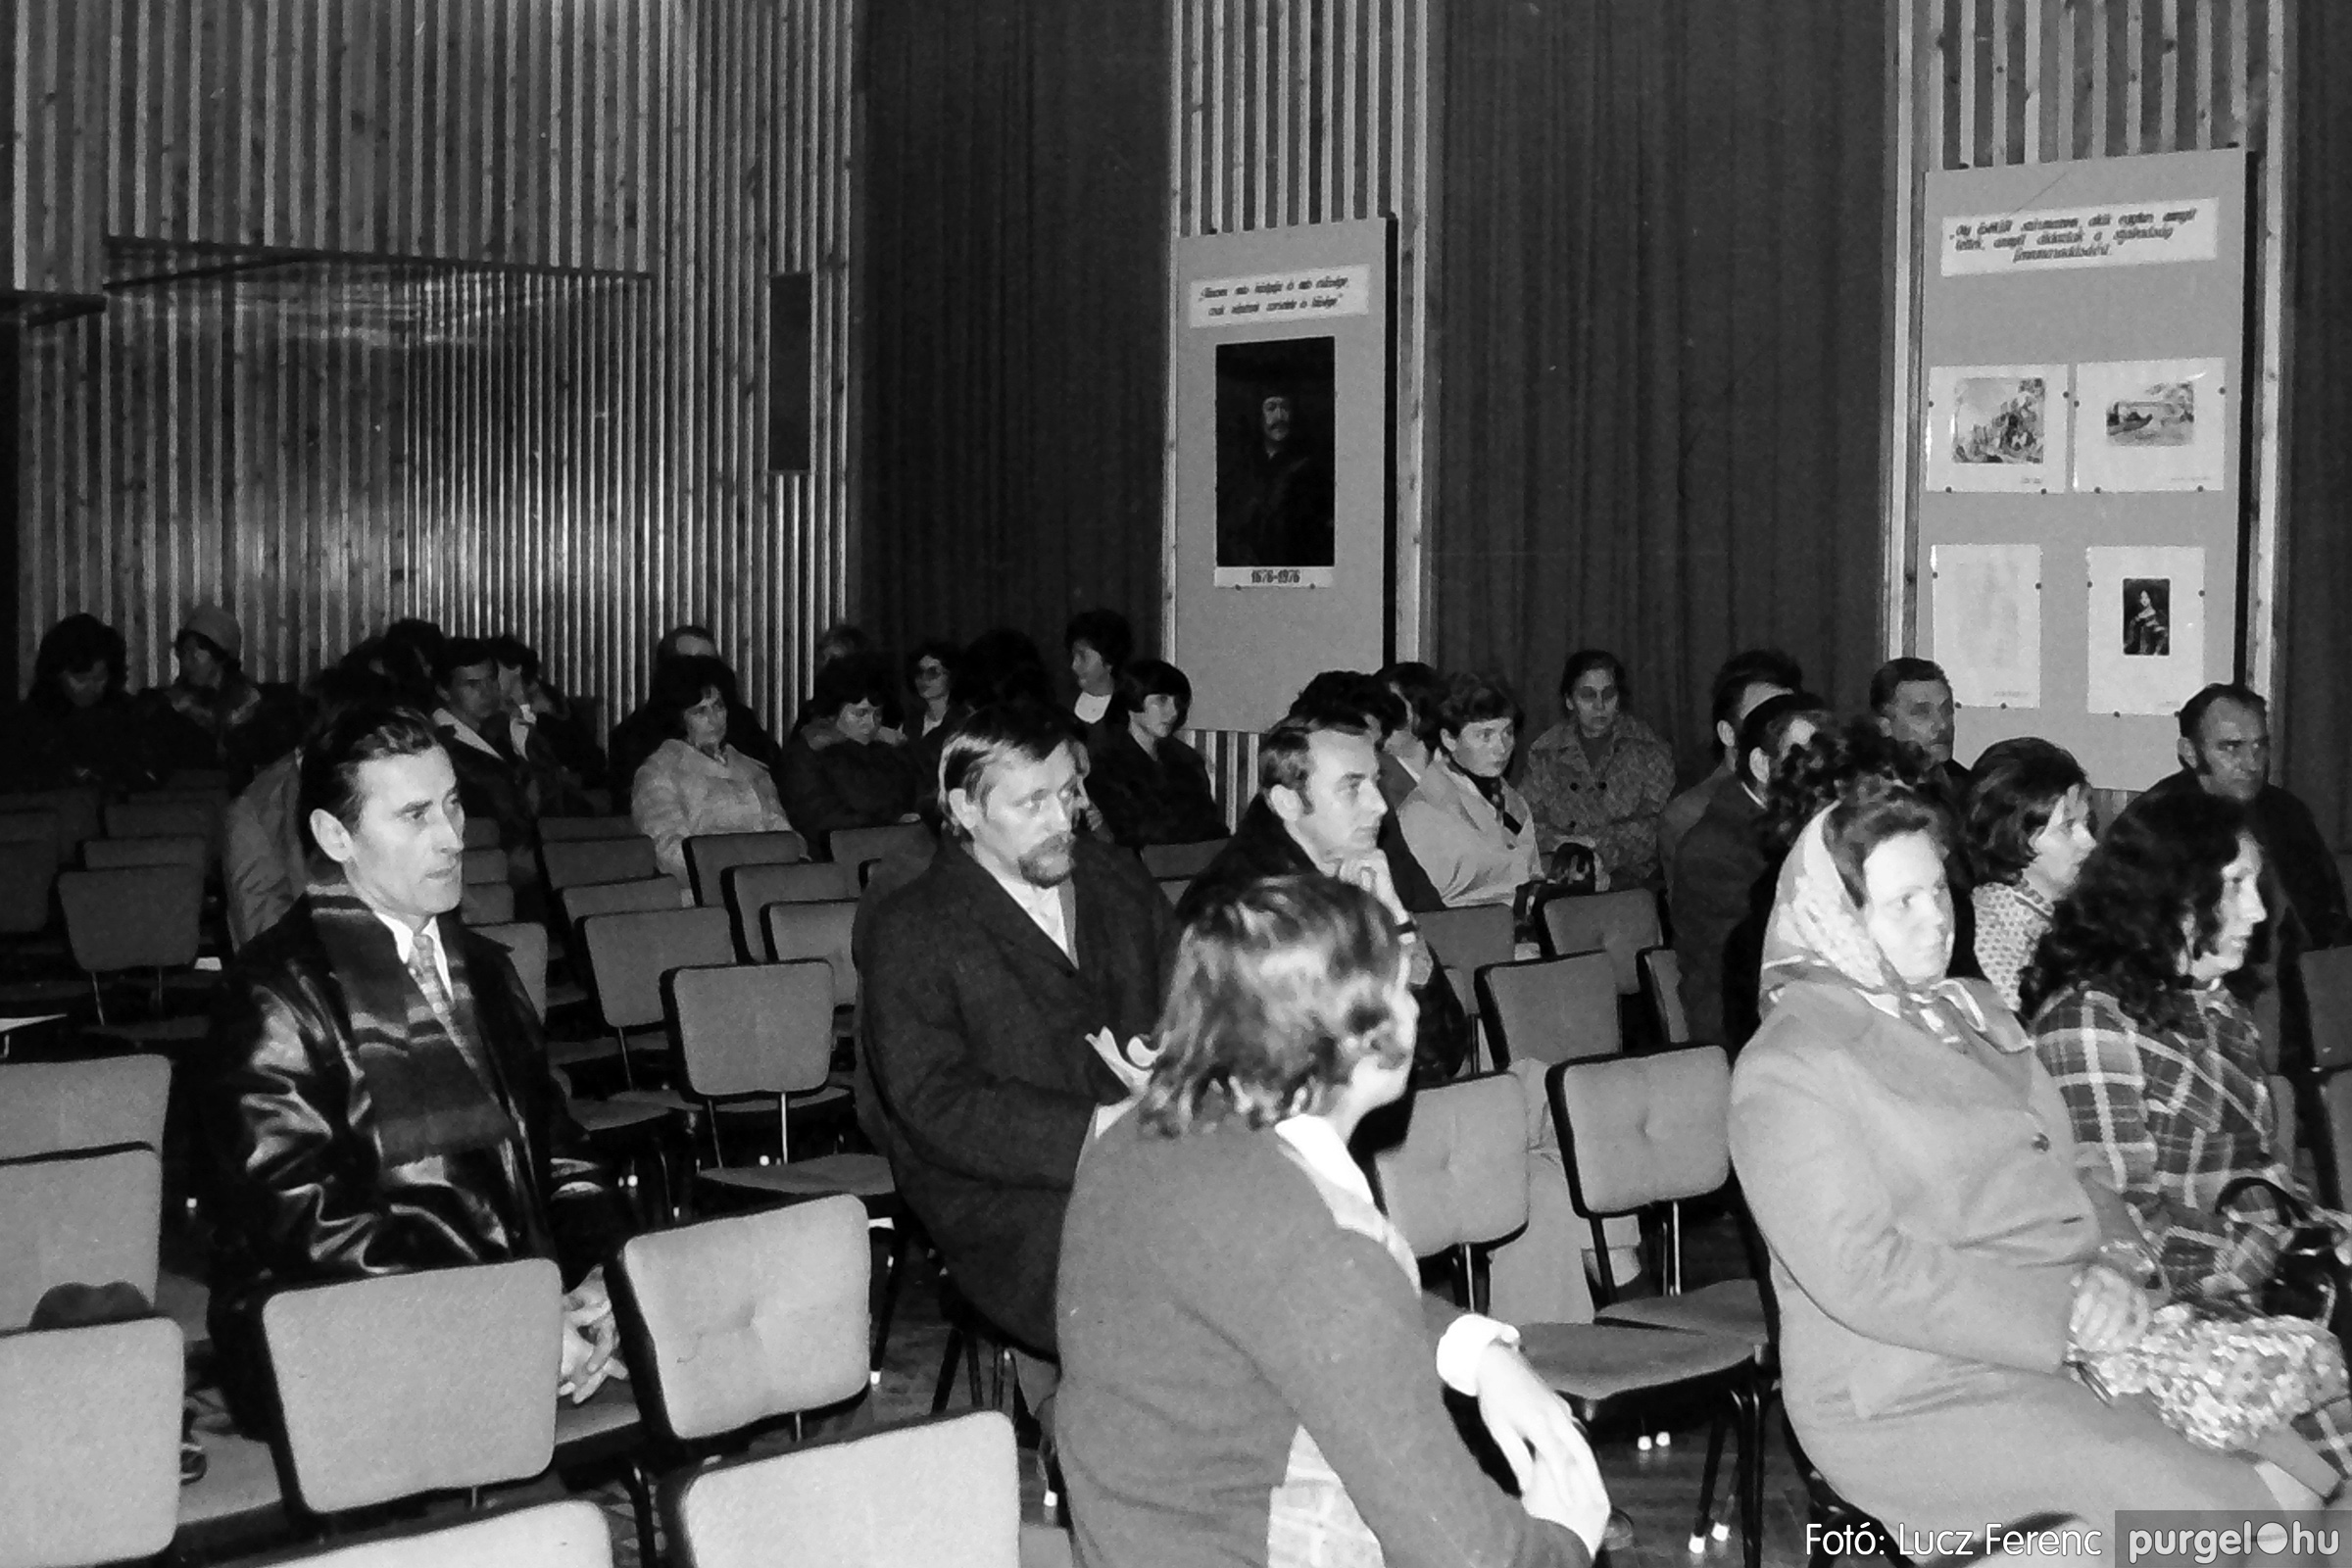 064. 1976. Kiállítás a kultúrházban 004. - Fotó: Lucz Ferenc.jpg